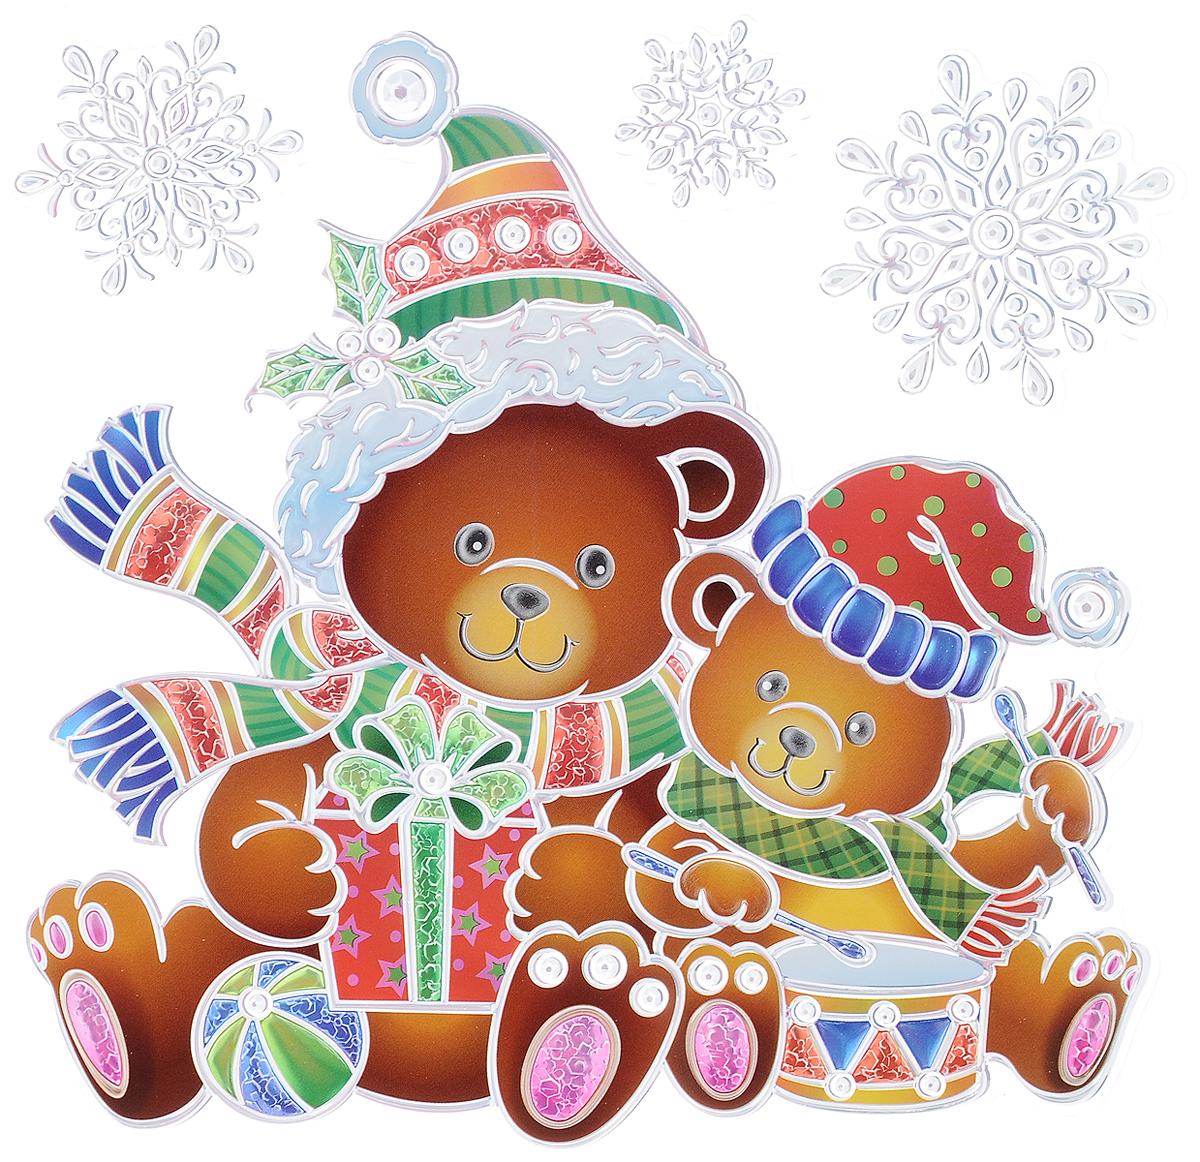 Украшение новогоднее оконное Winter Wings Мишки, 4 шт украшение новогоднее оконное winter wings новогодние герои 5 шт n09356 ангелы